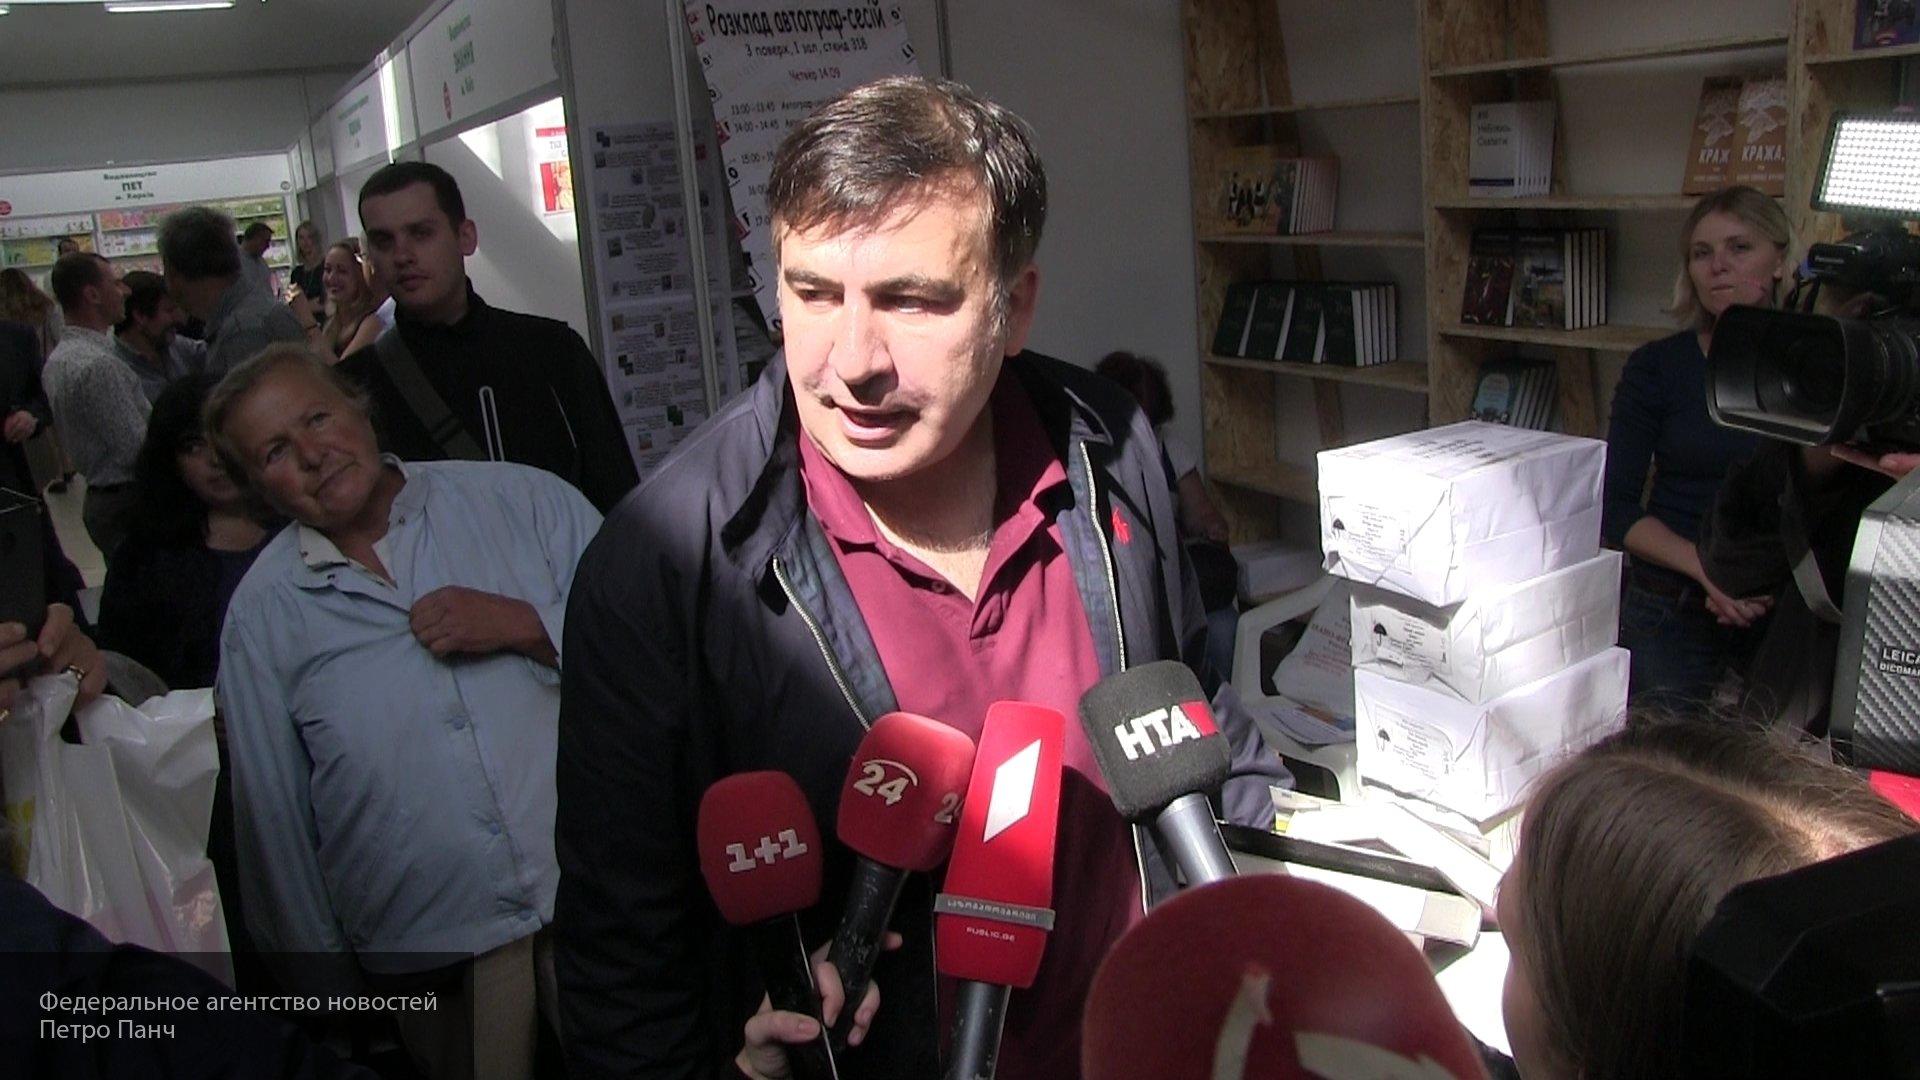 Погранслужба Украины получила ответ от Саакашвили на отказ во въезде в страну